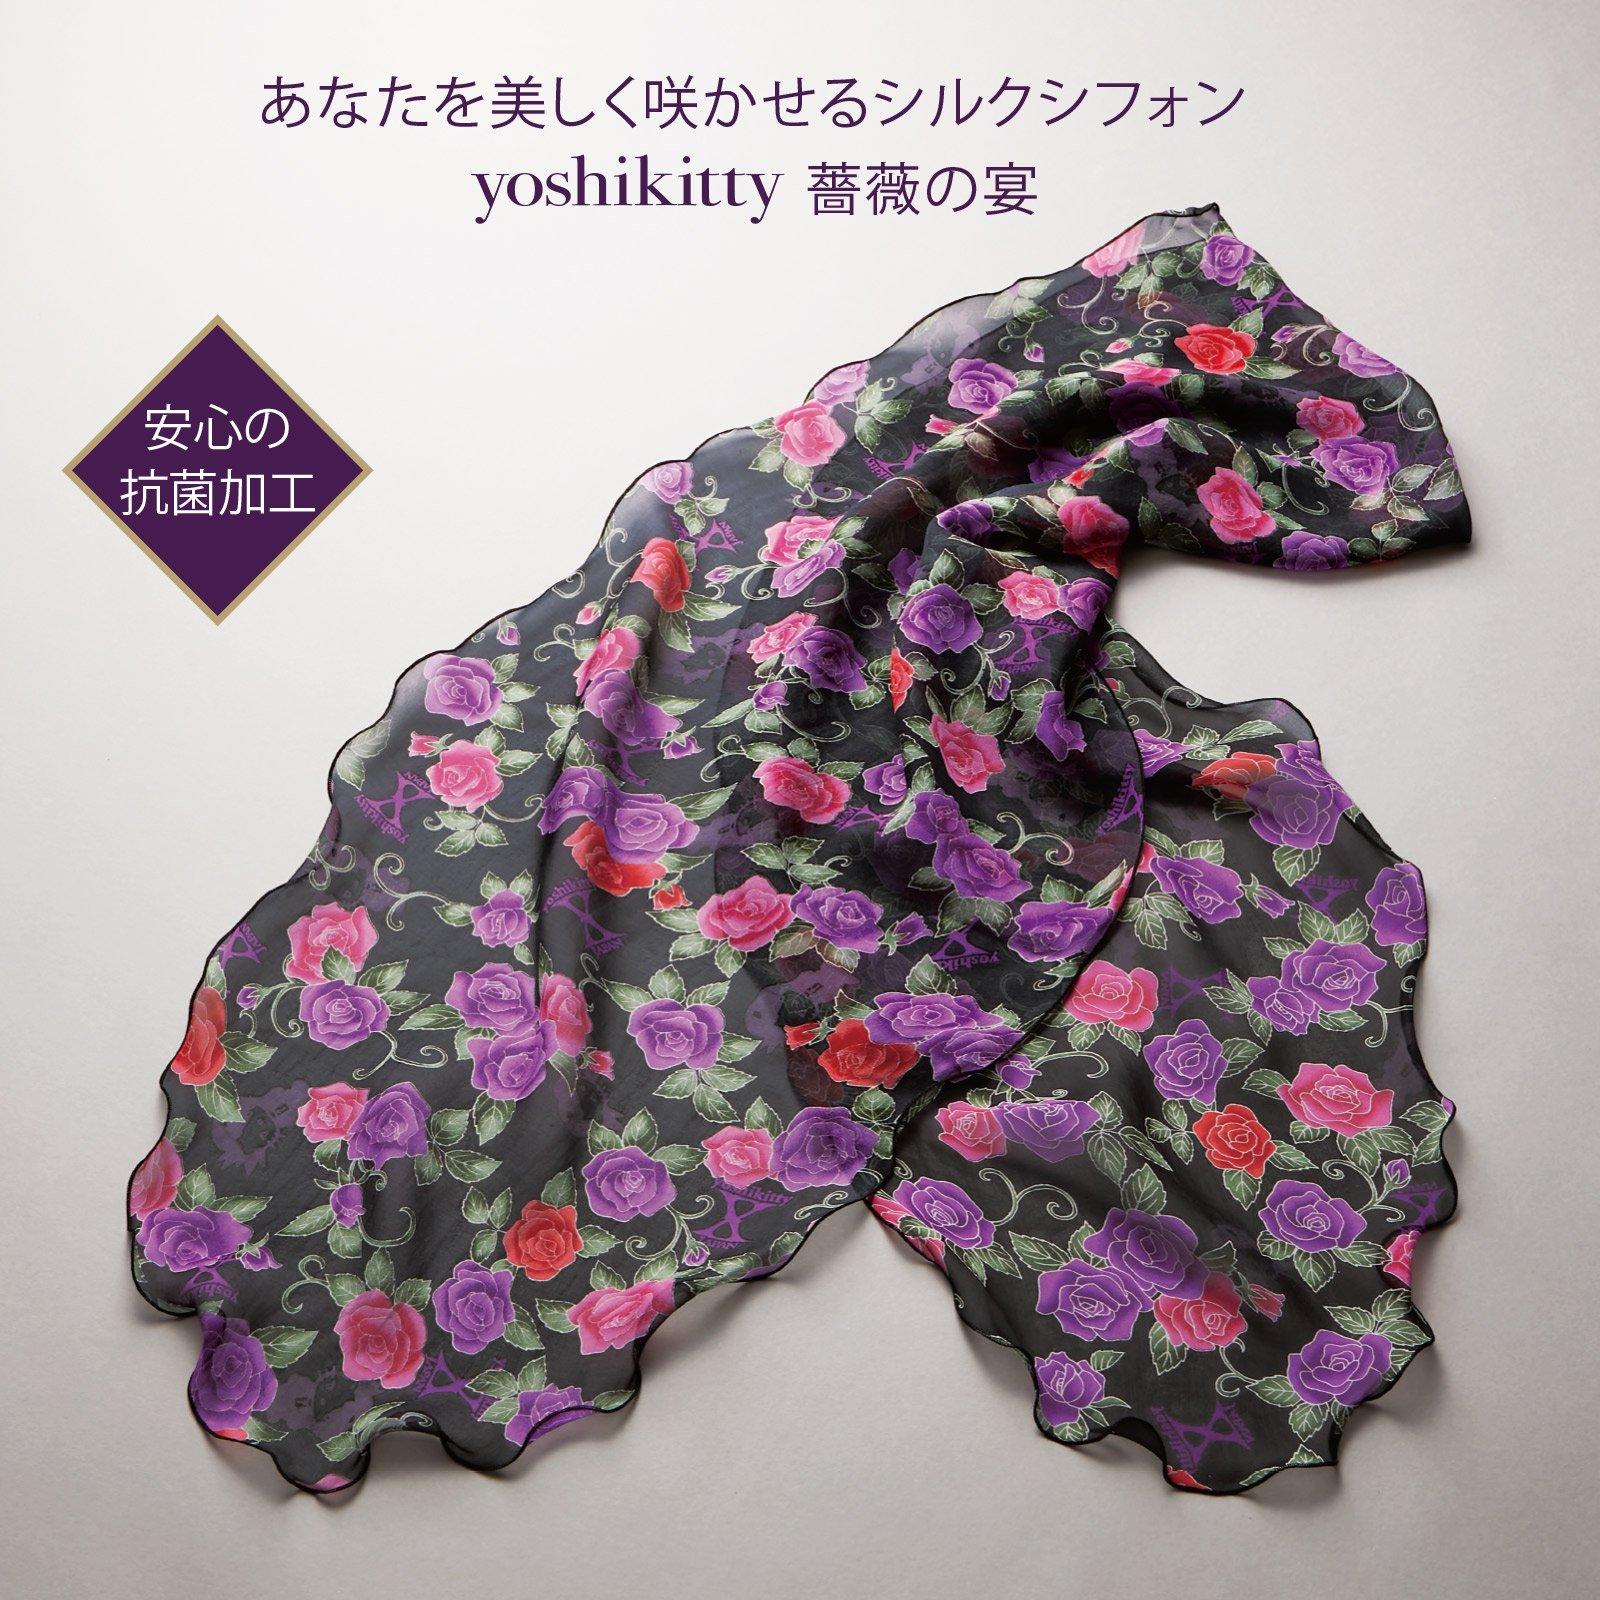 yoshikitty 薔薇の宴 友禅模様のシルクストール